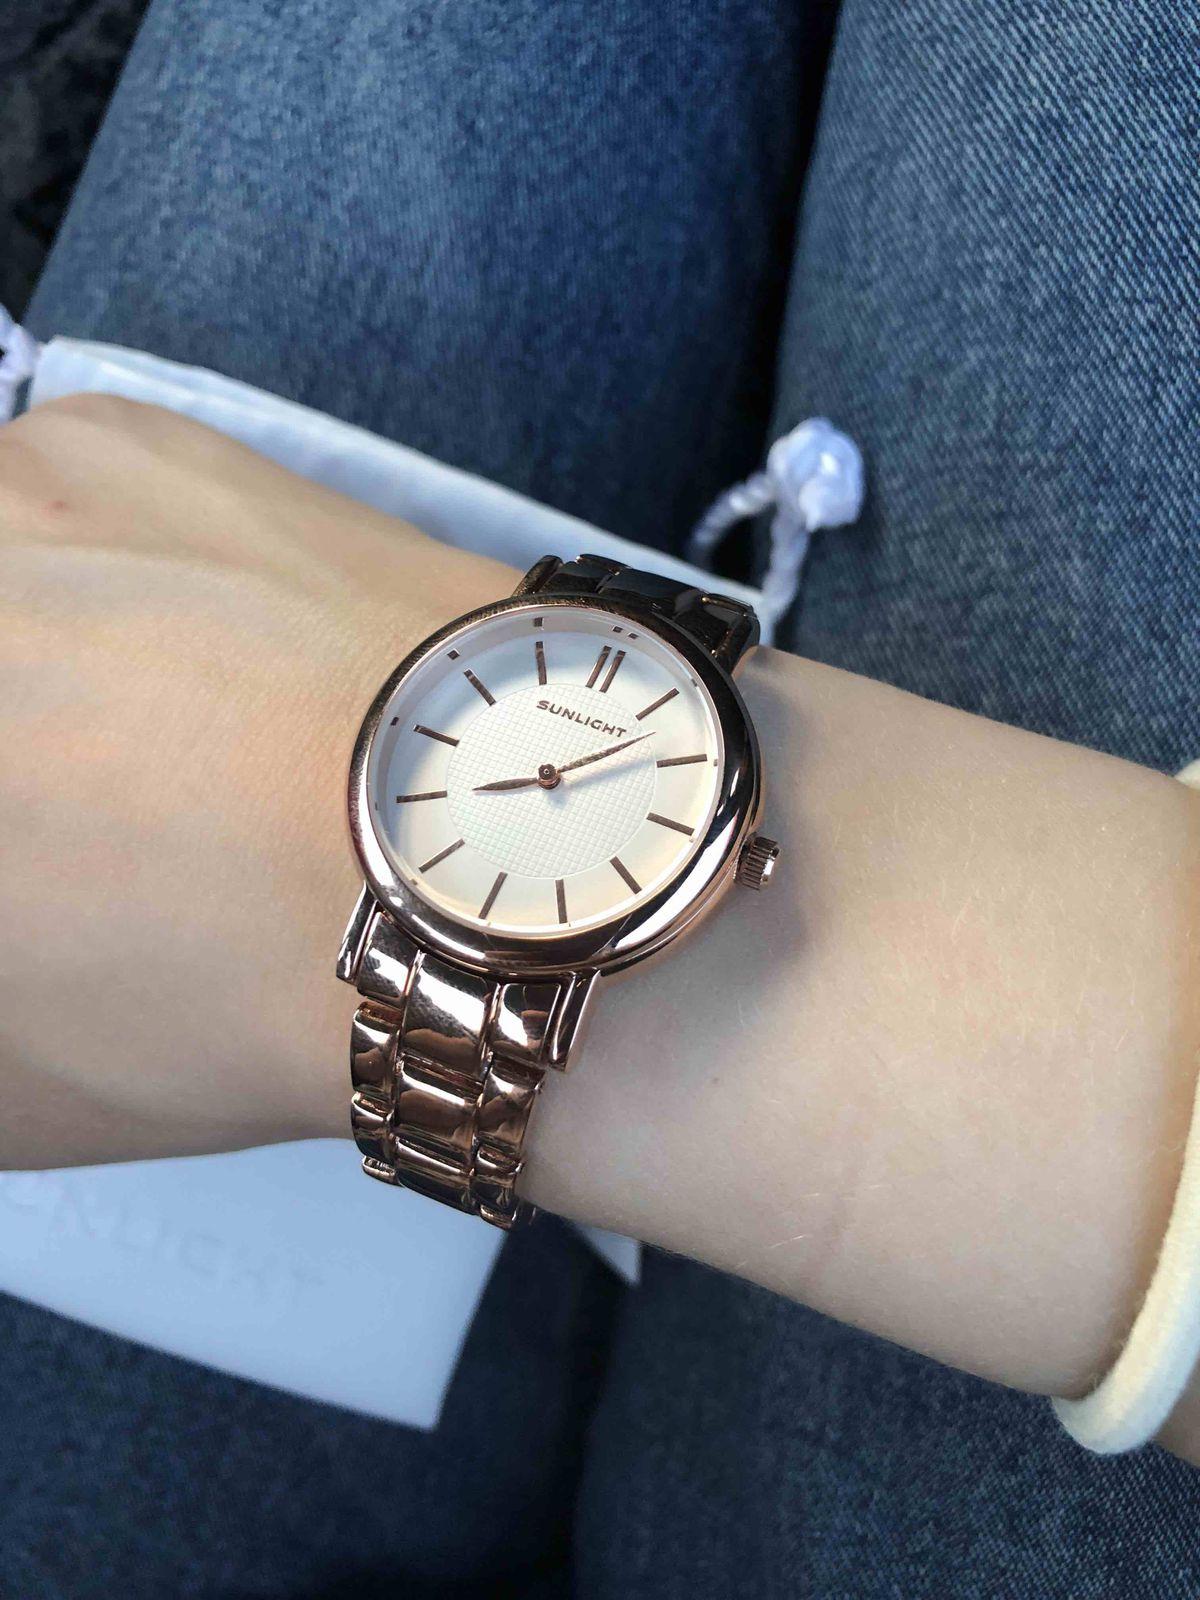 Эти часы моя новая любовь! безумно красиво смотрятся на руке, купила сразу!